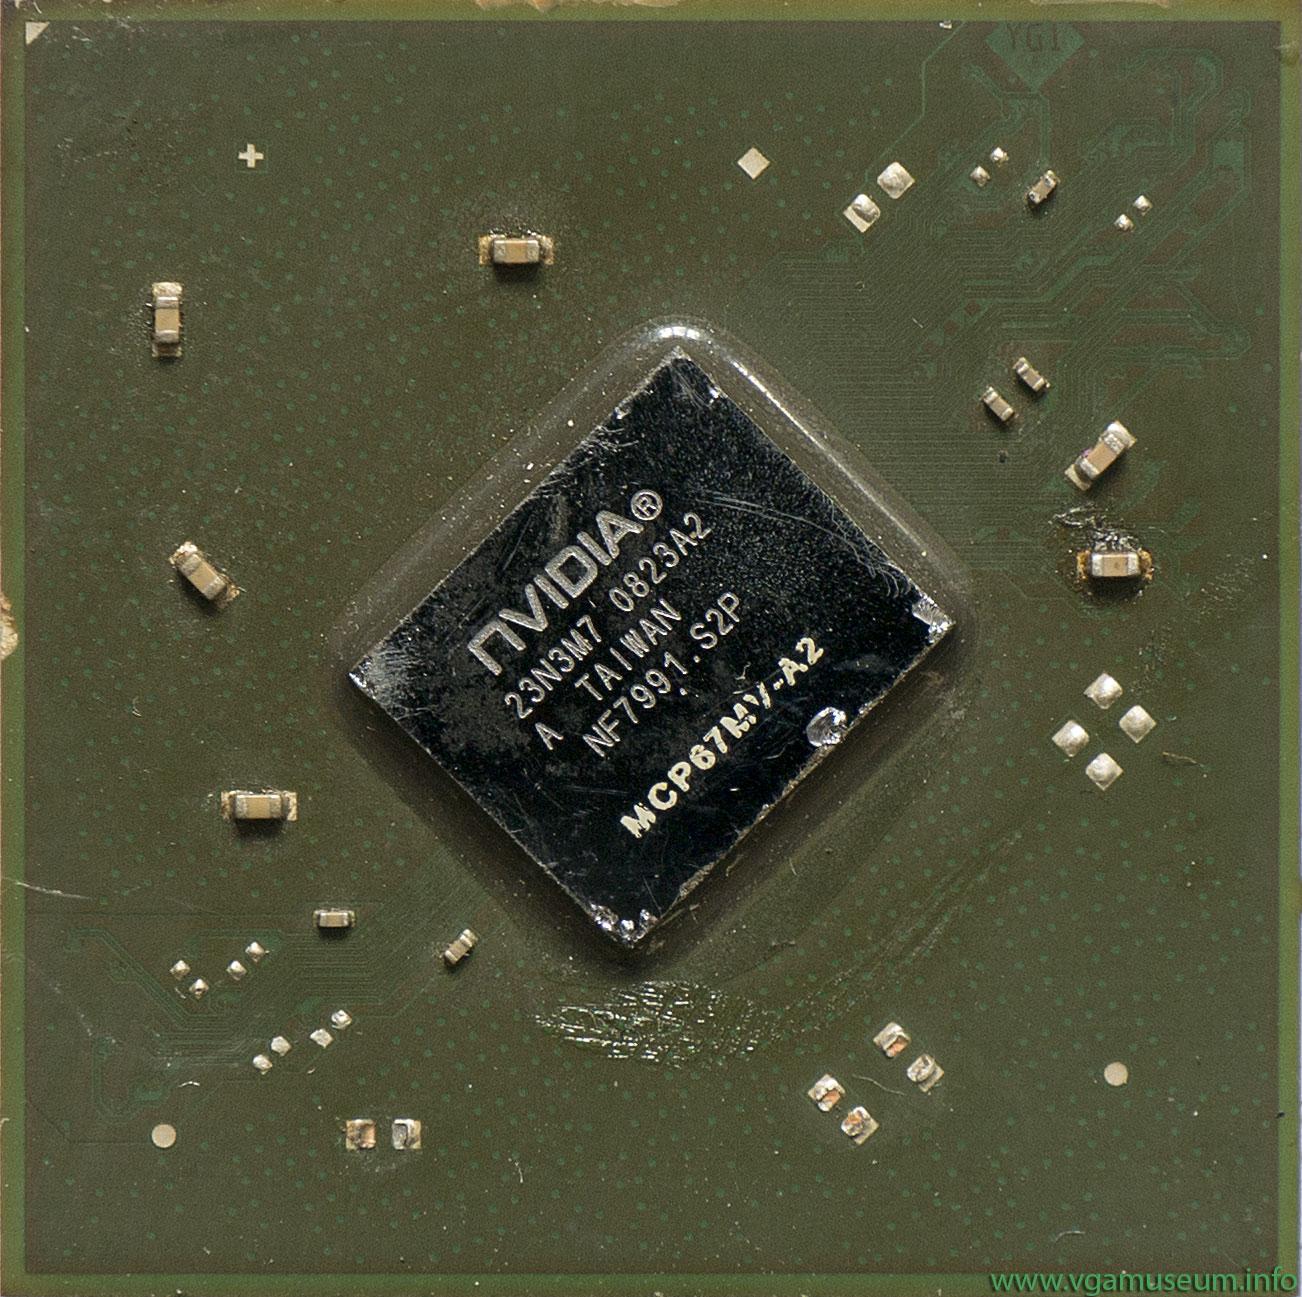 NVIDIA GeForce 7000M / nForce 610M Drivers